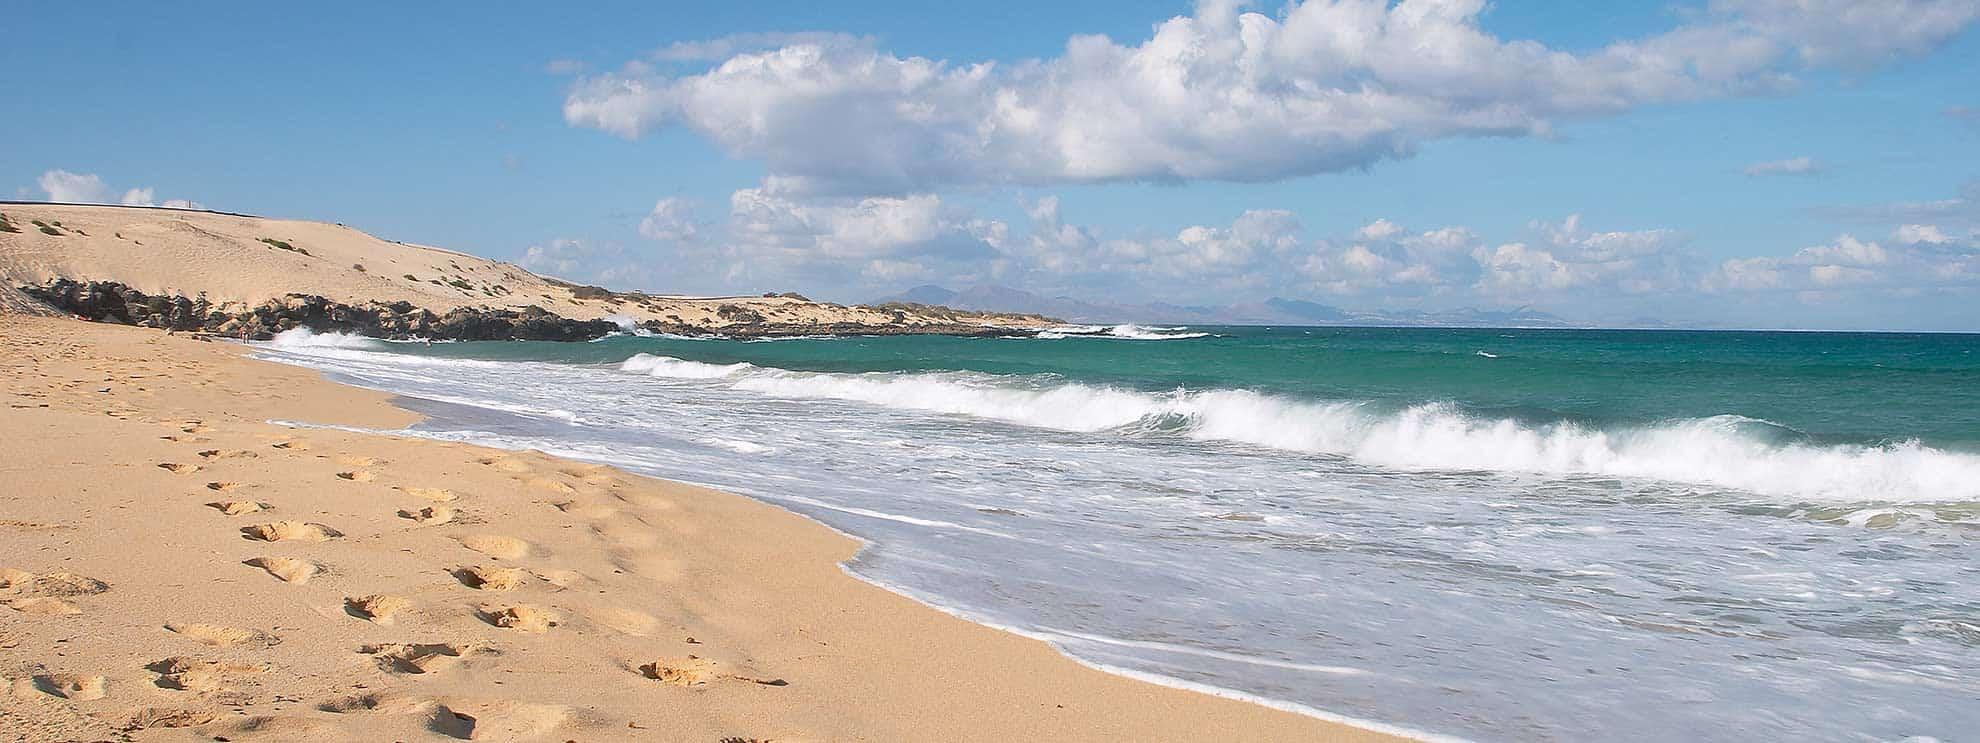 Parque Natural de Corralejo, Corralejo Fuerteventura, Fuerteventura beaches, Hotel Riu Palace Tres Islas.